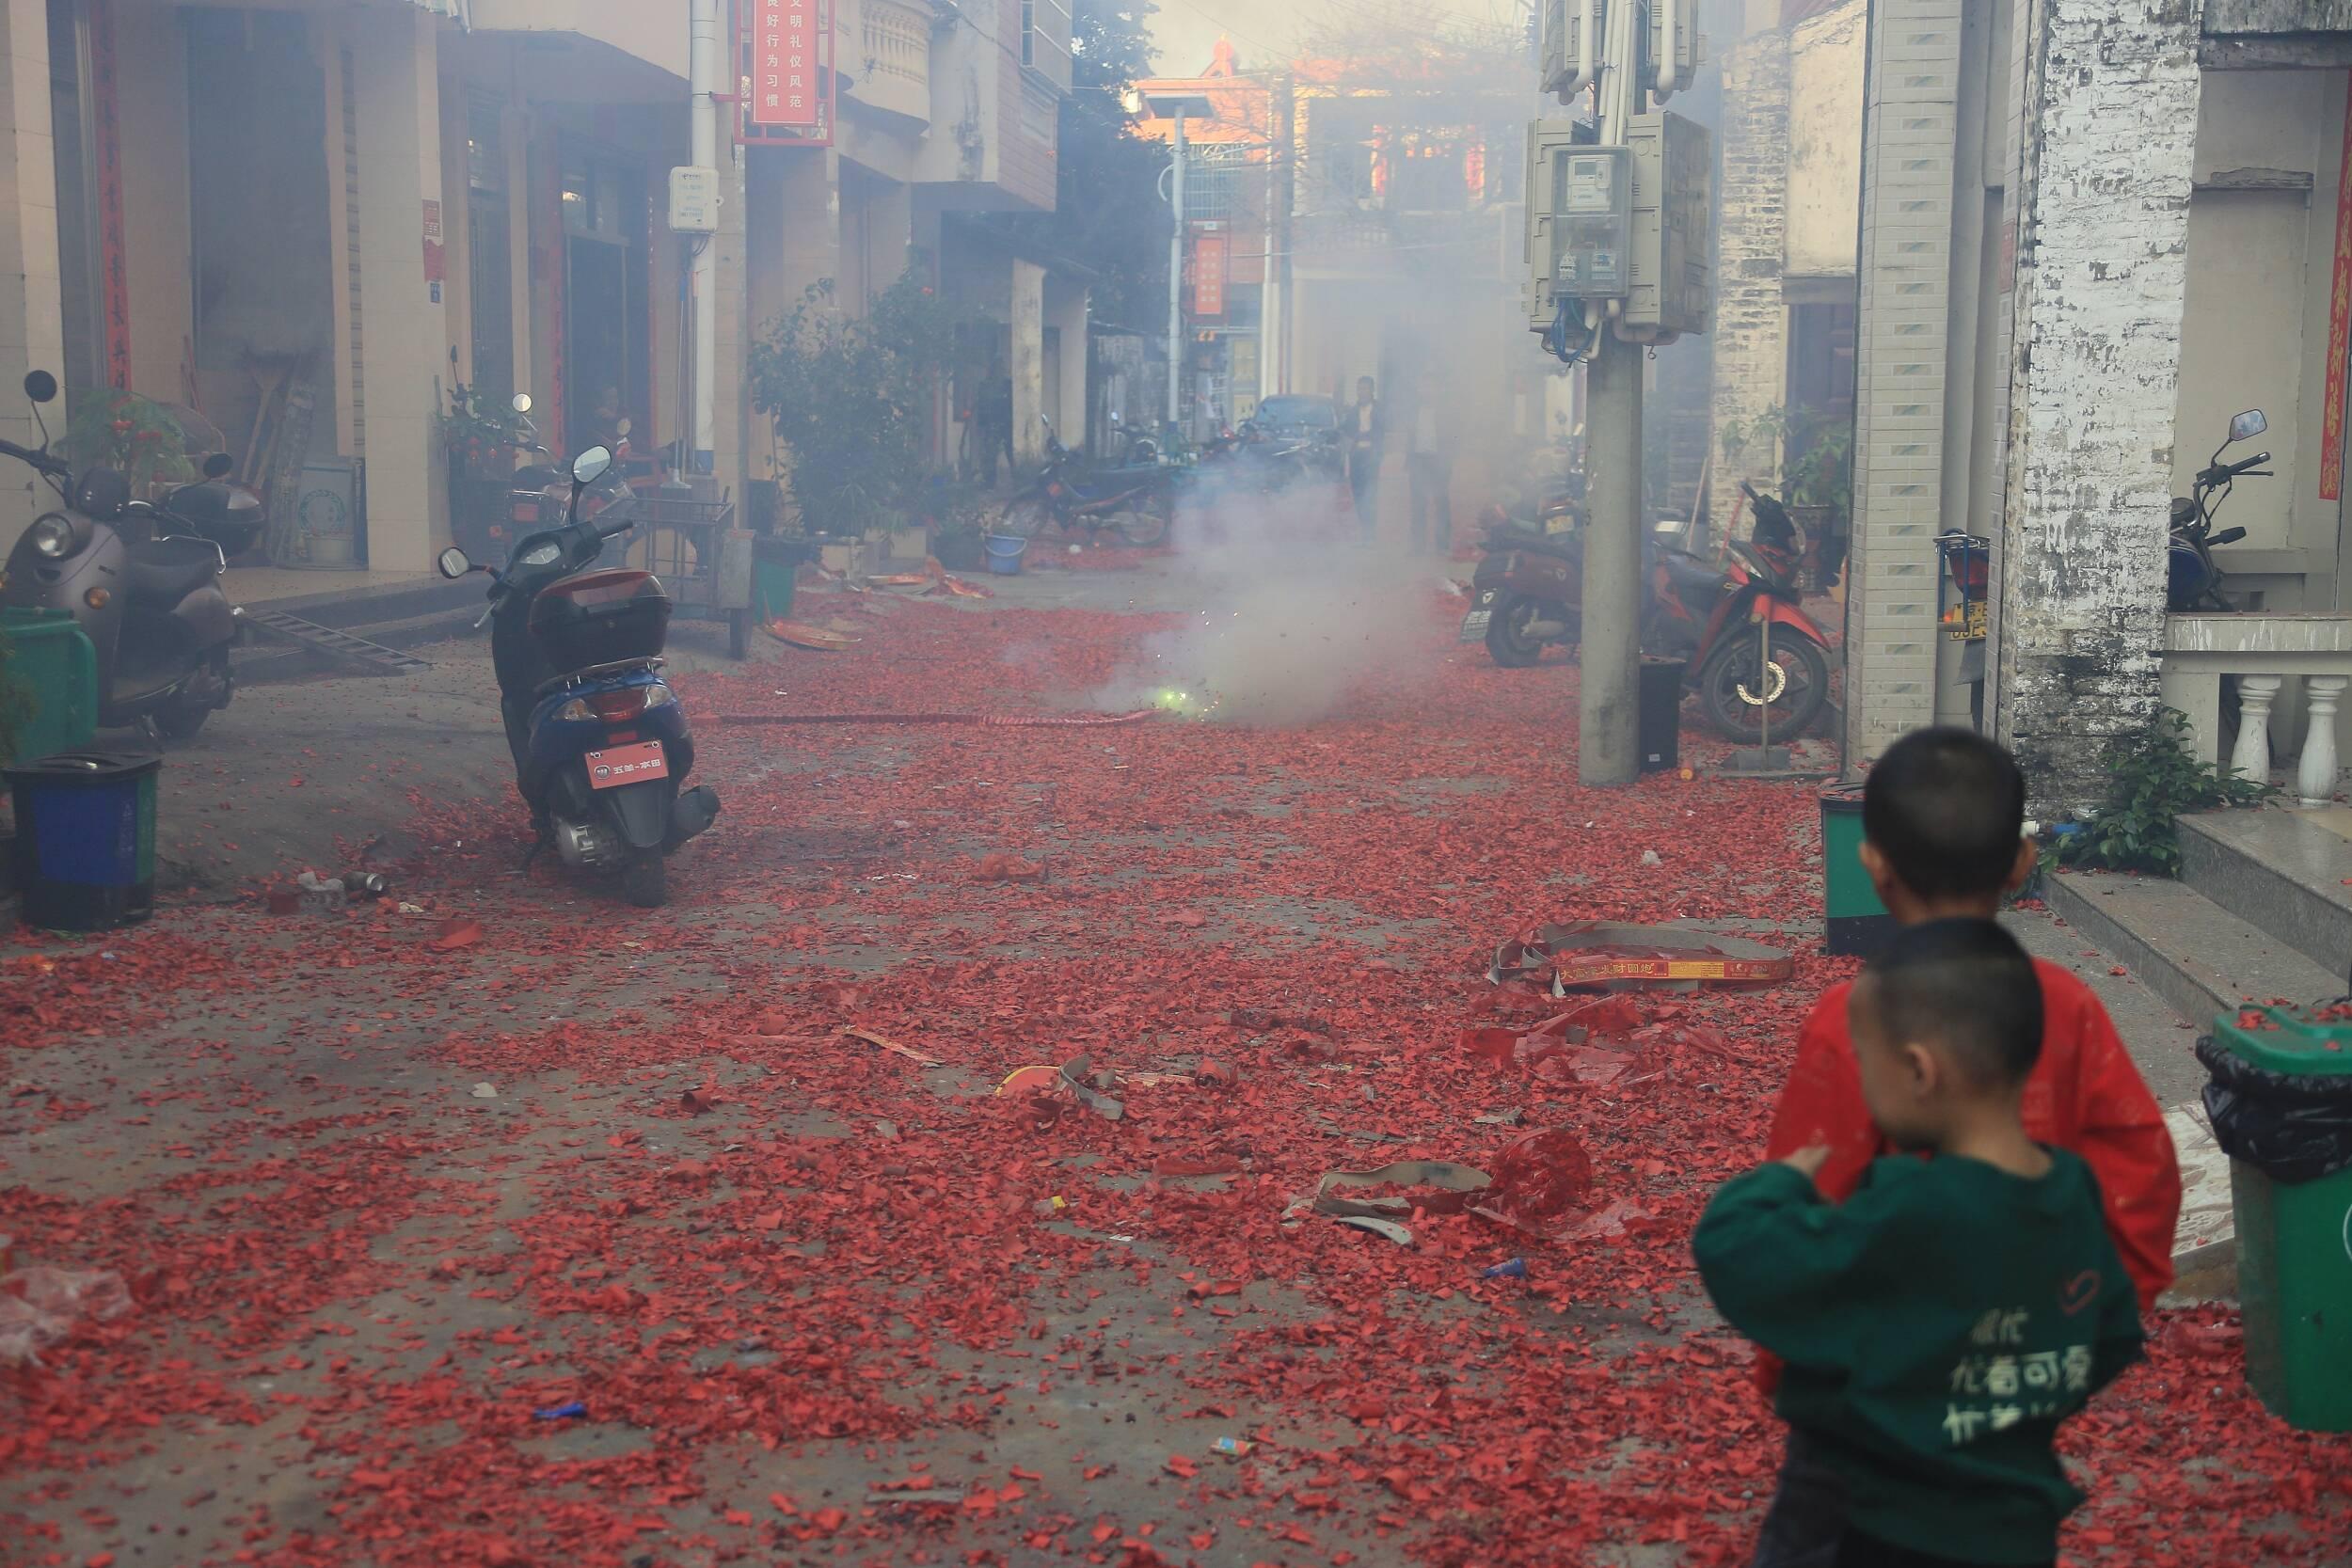 闪电评论丨儿童窨井放鞭炮致爆炸事件频发 安全教育要跟上